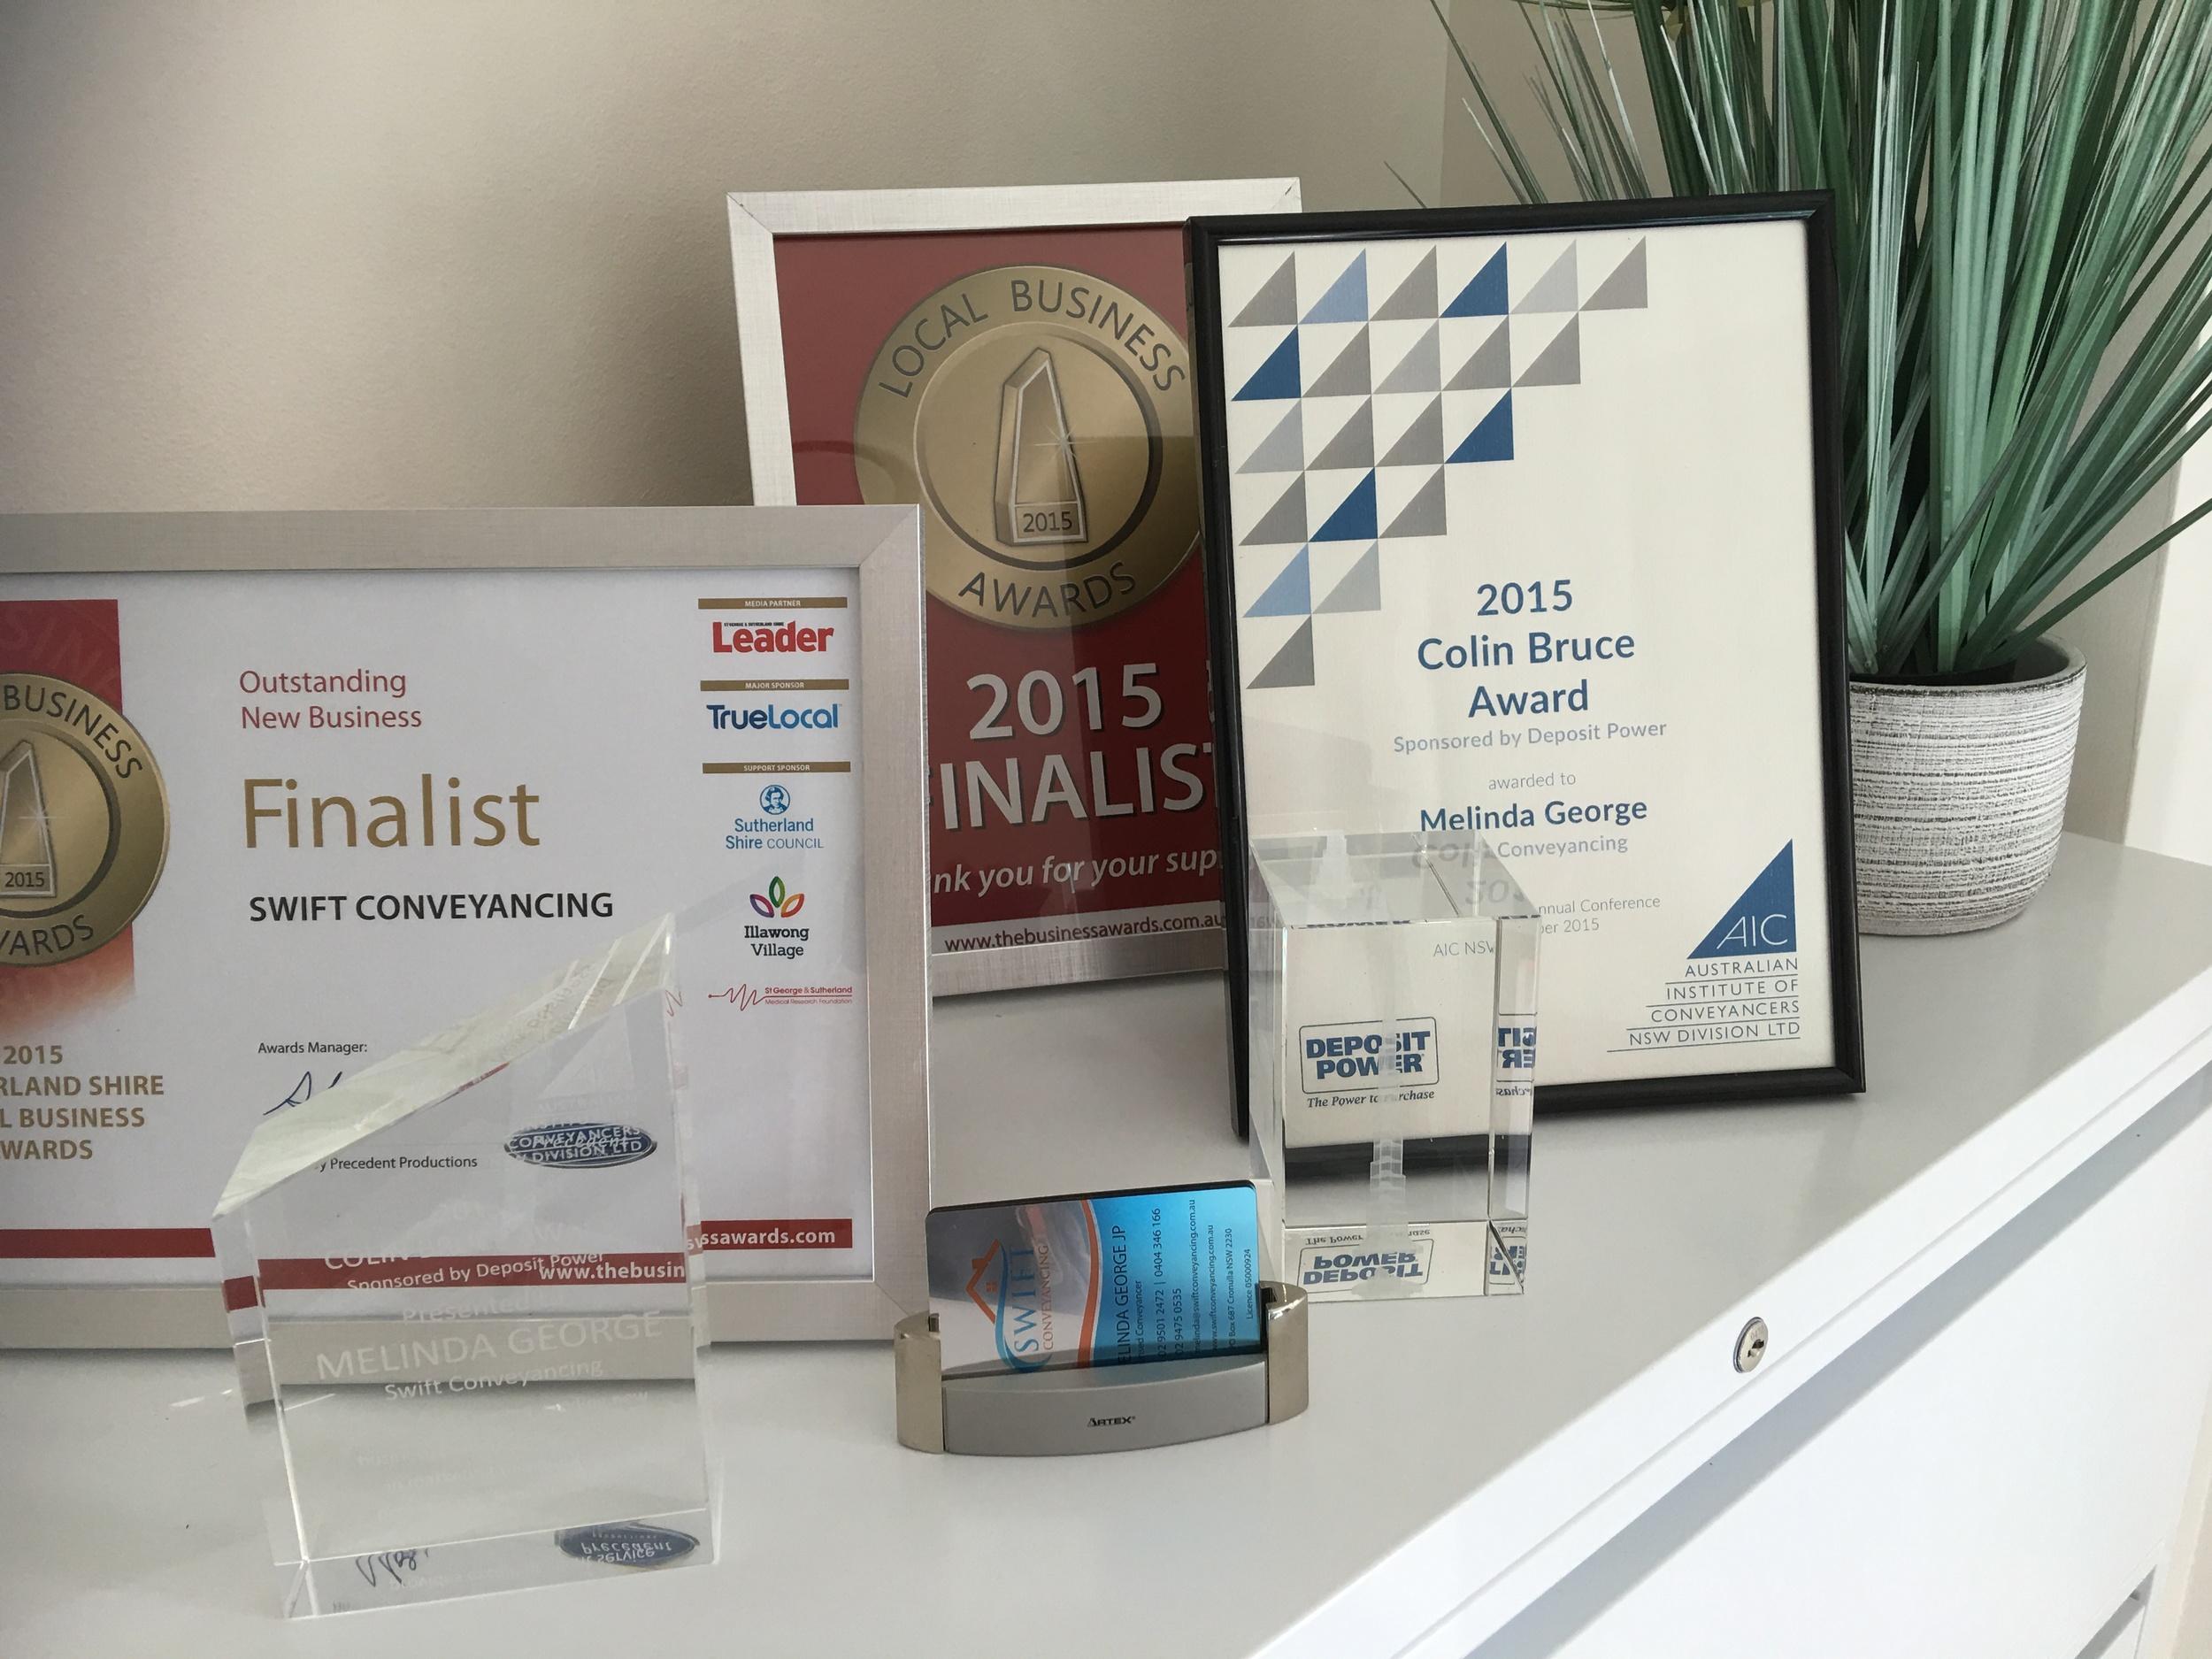 Conveyancing Awards